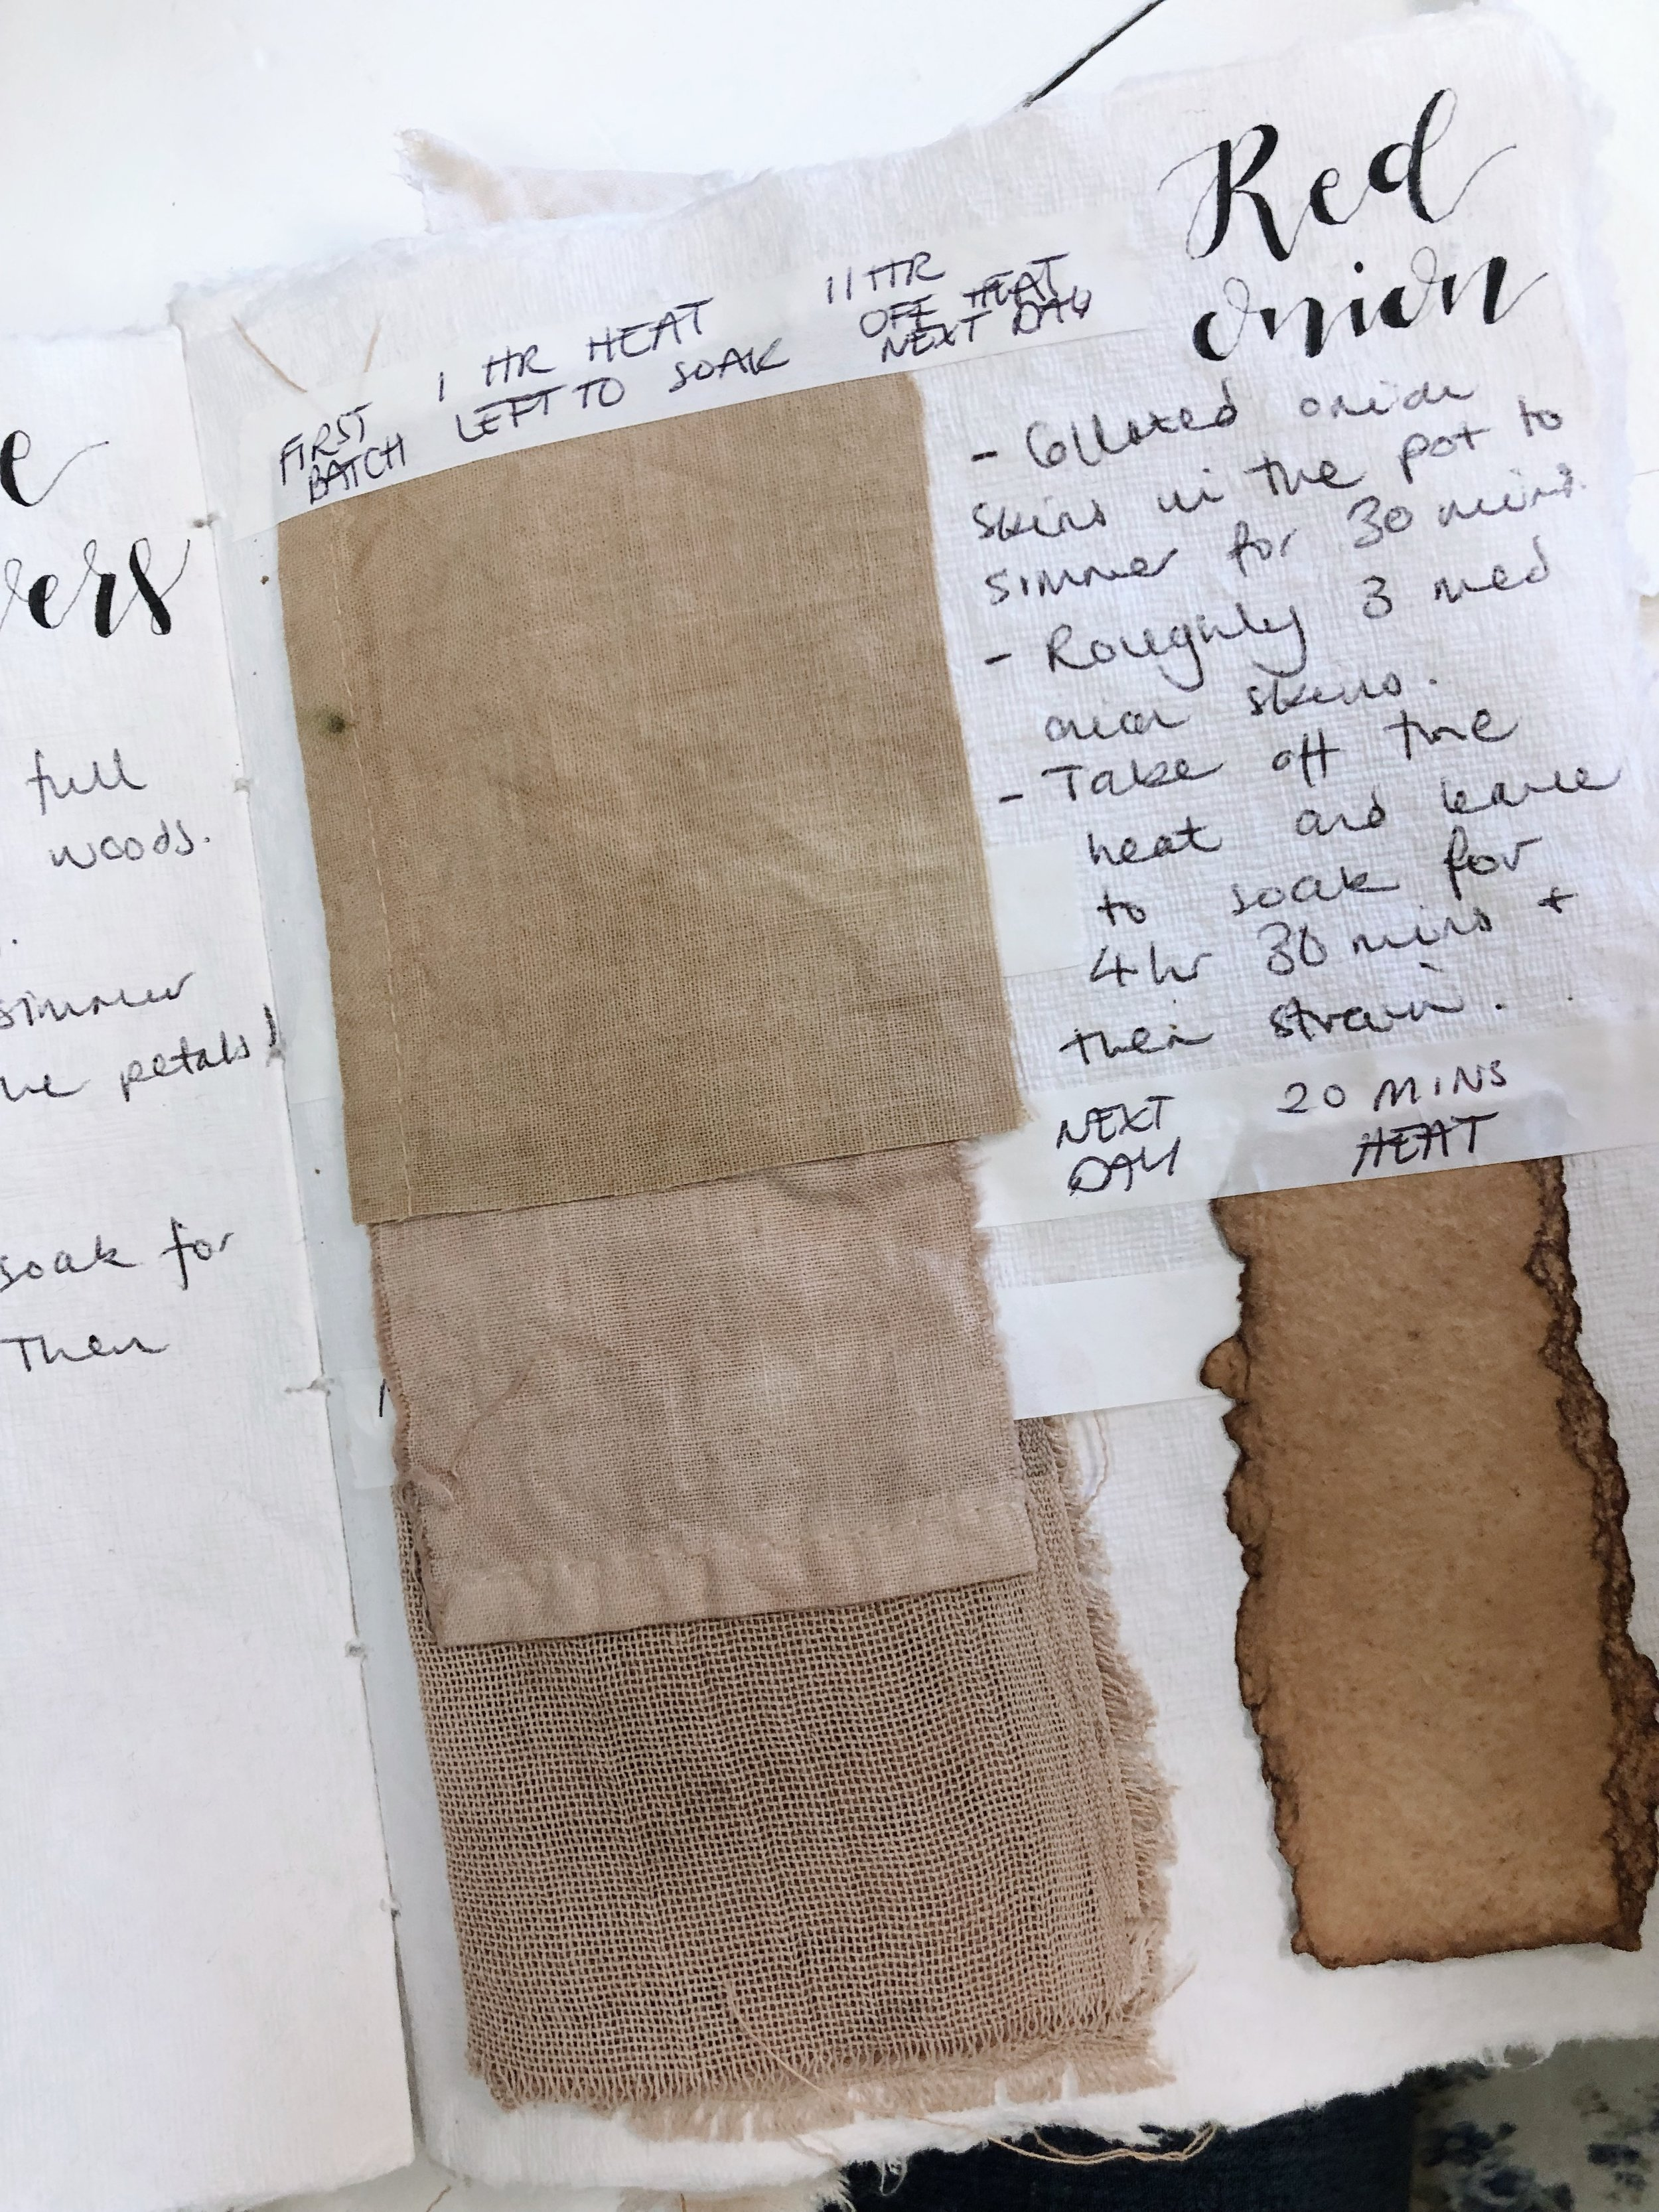 A snippet of EdieRoseAshley's beautiful botanical dye journal